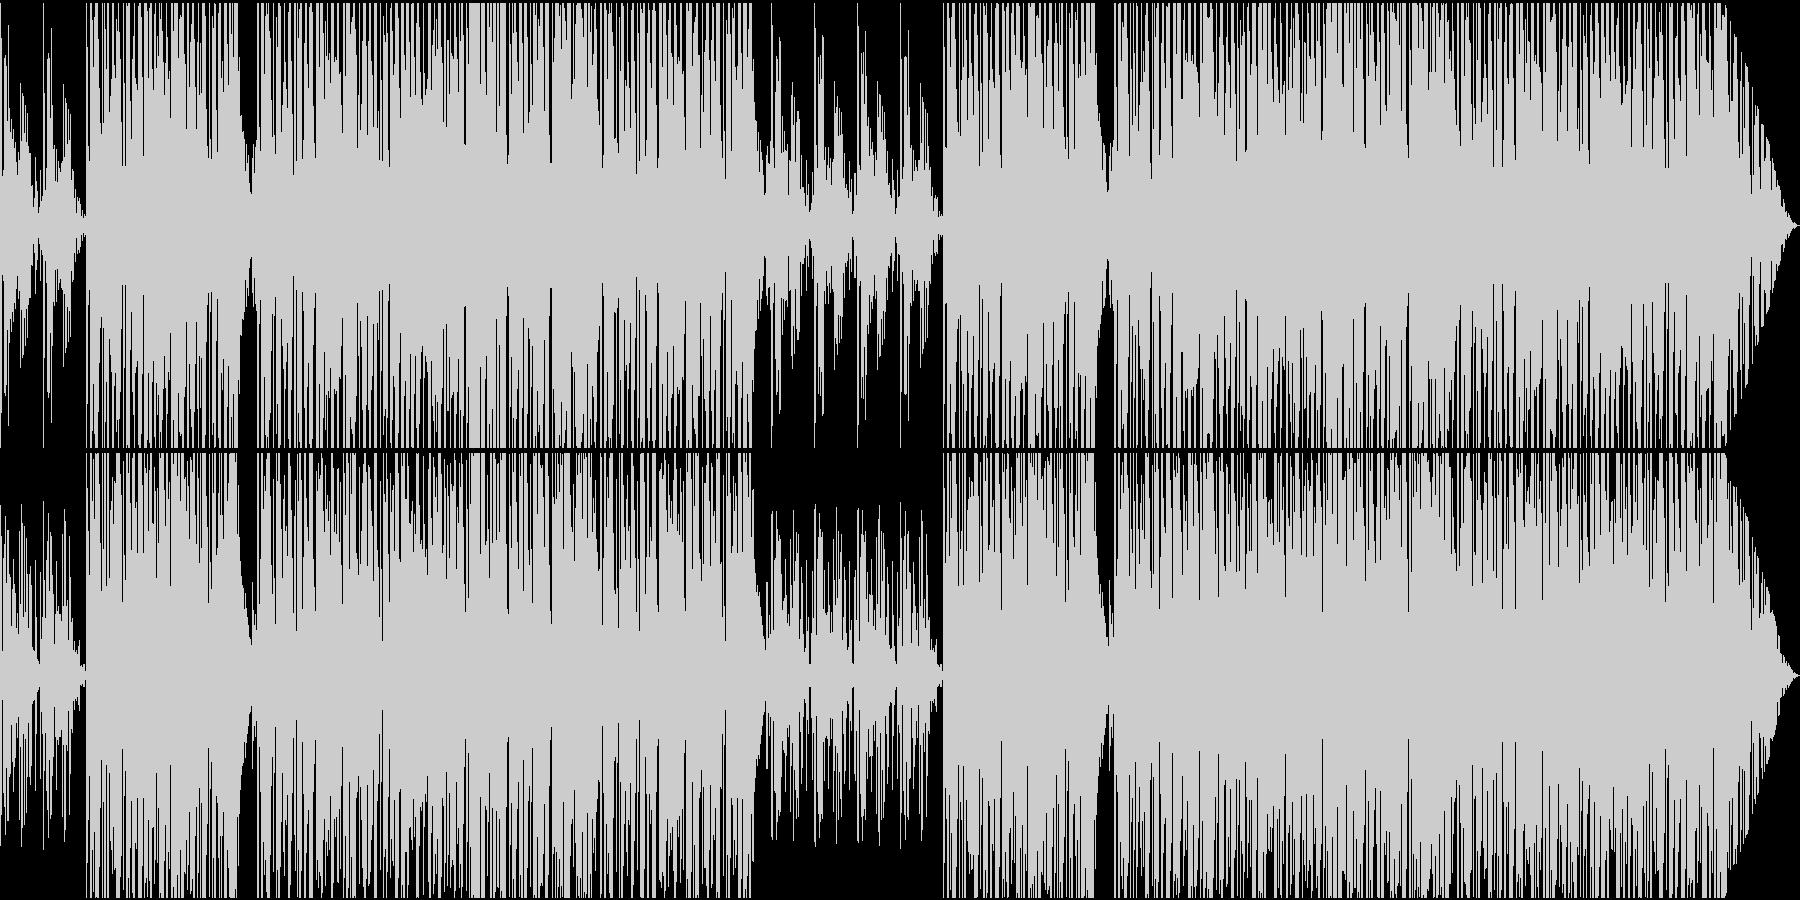 ガットギターPOPギターインストメロ無しの未再生の波形